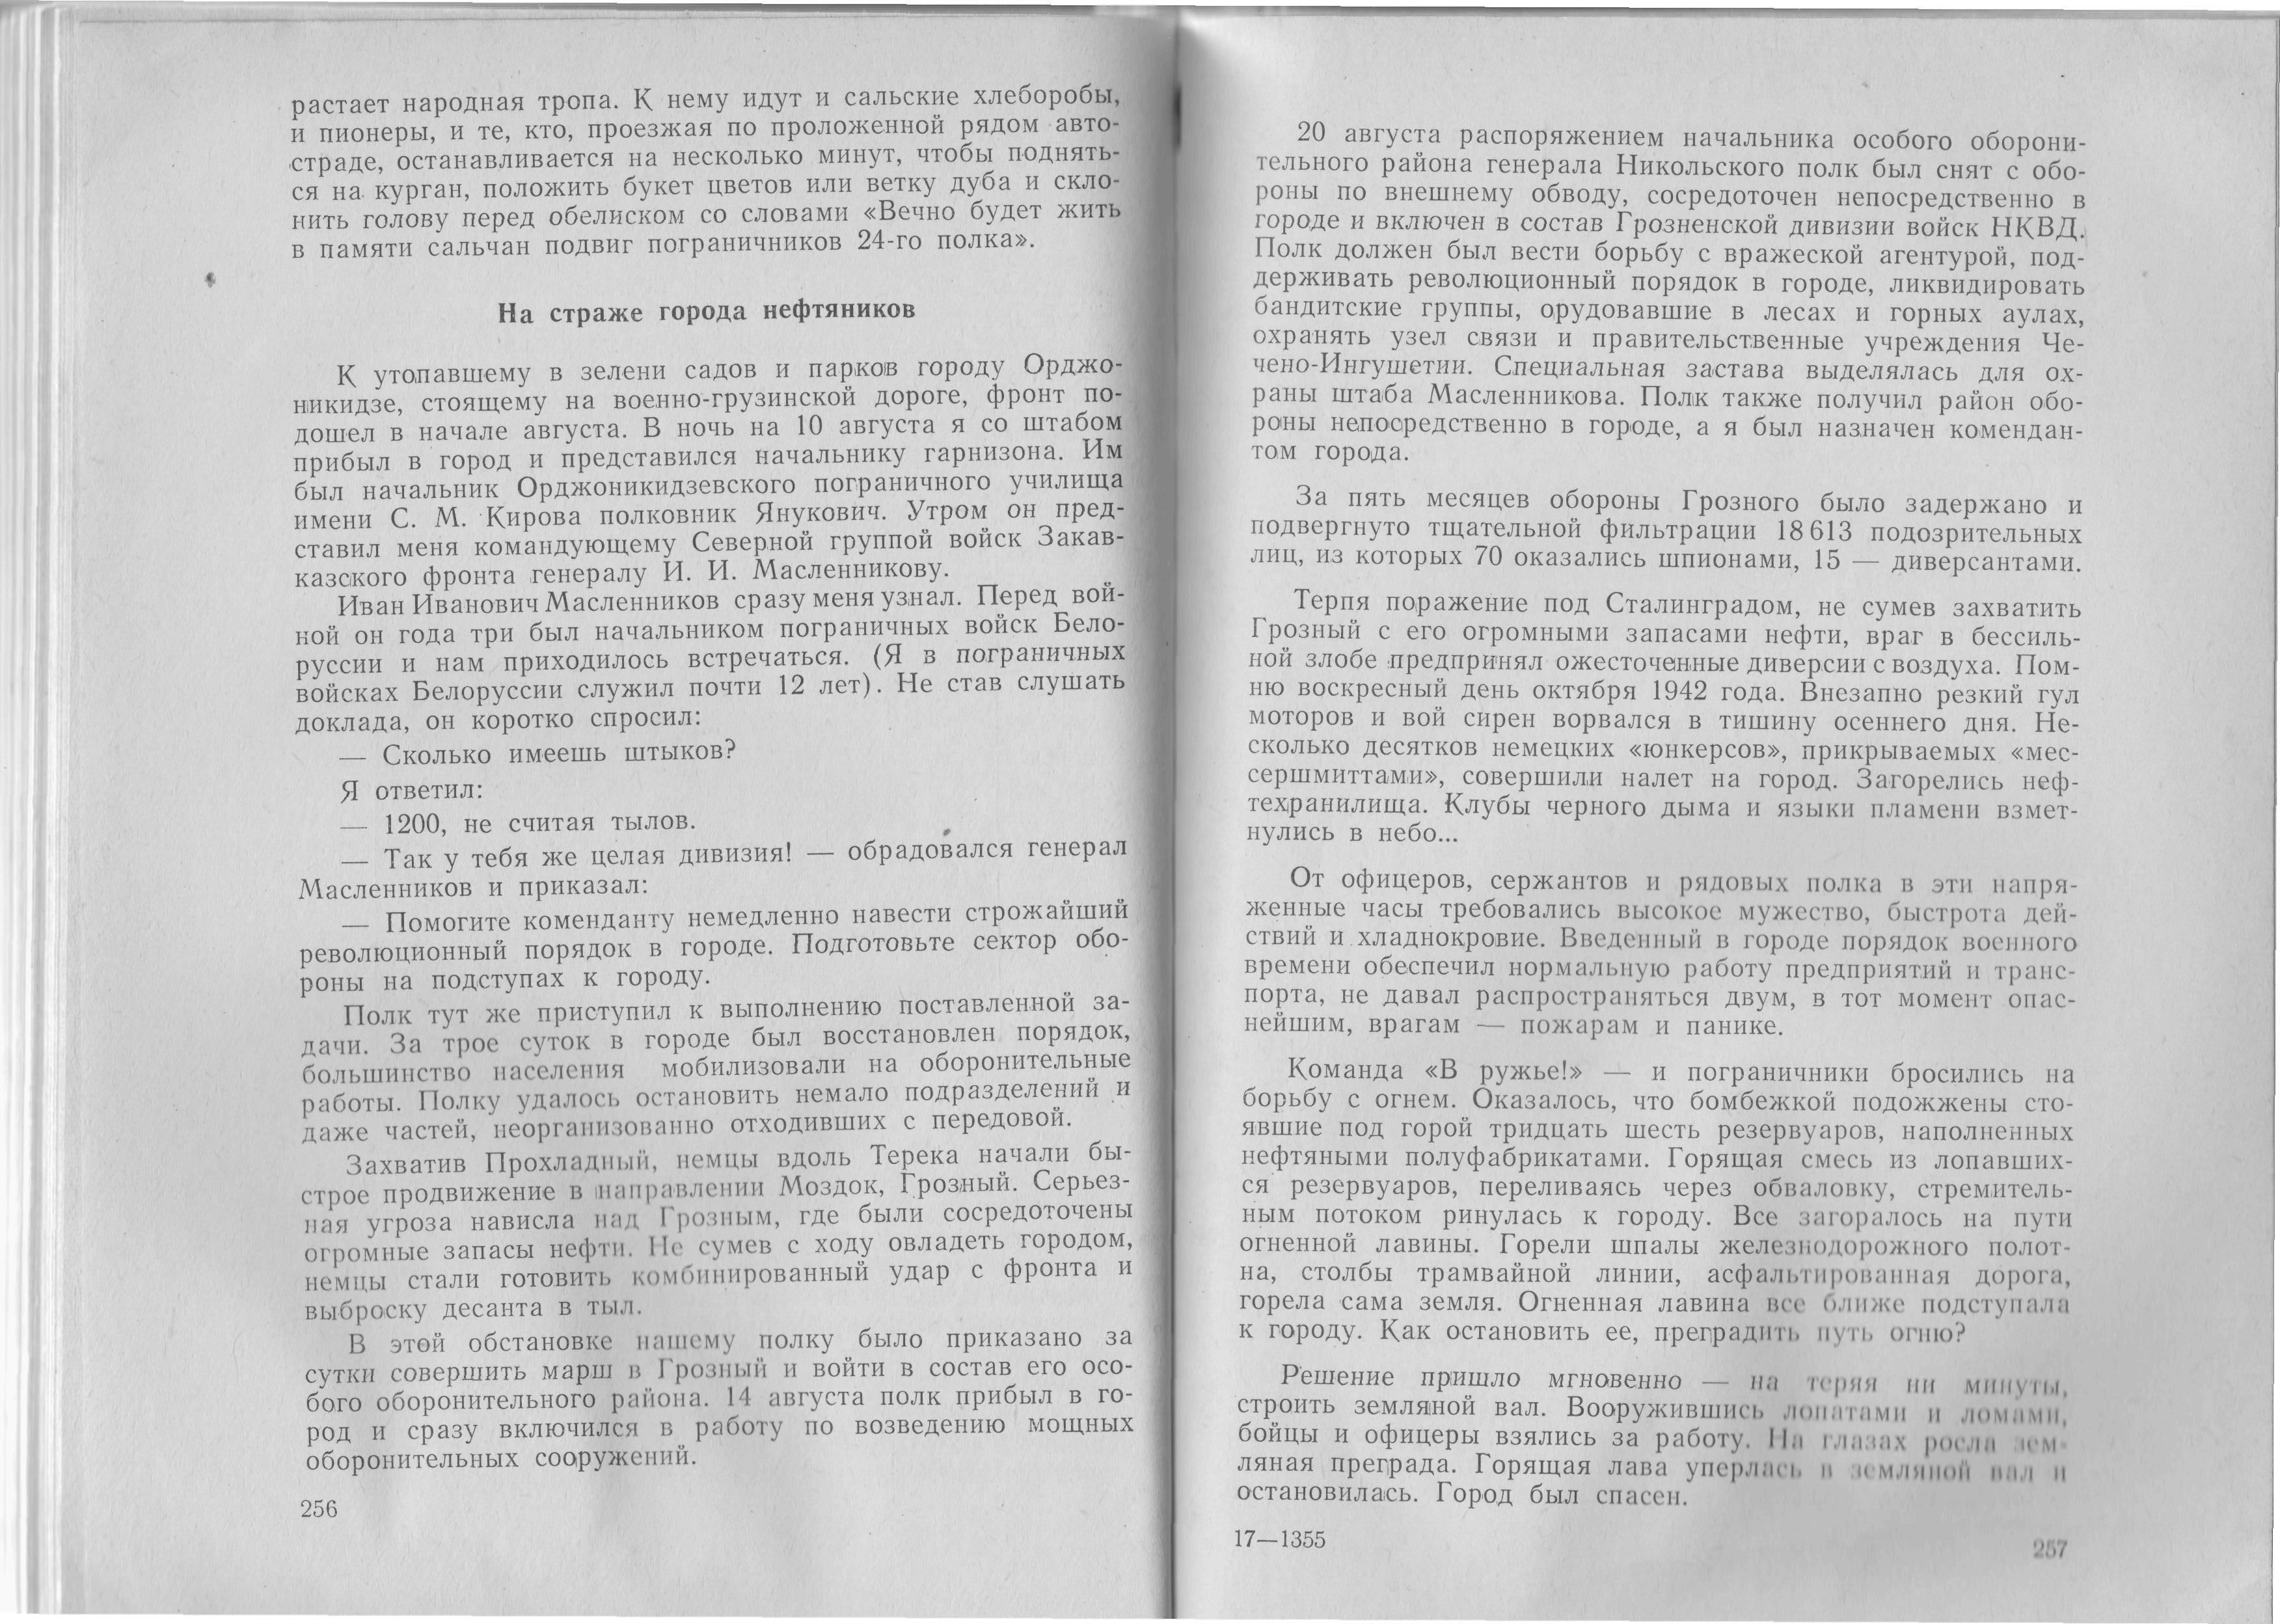 Книга «На страже границ Советского государства» (текст С. Е. Капустина) - Страница 256-257